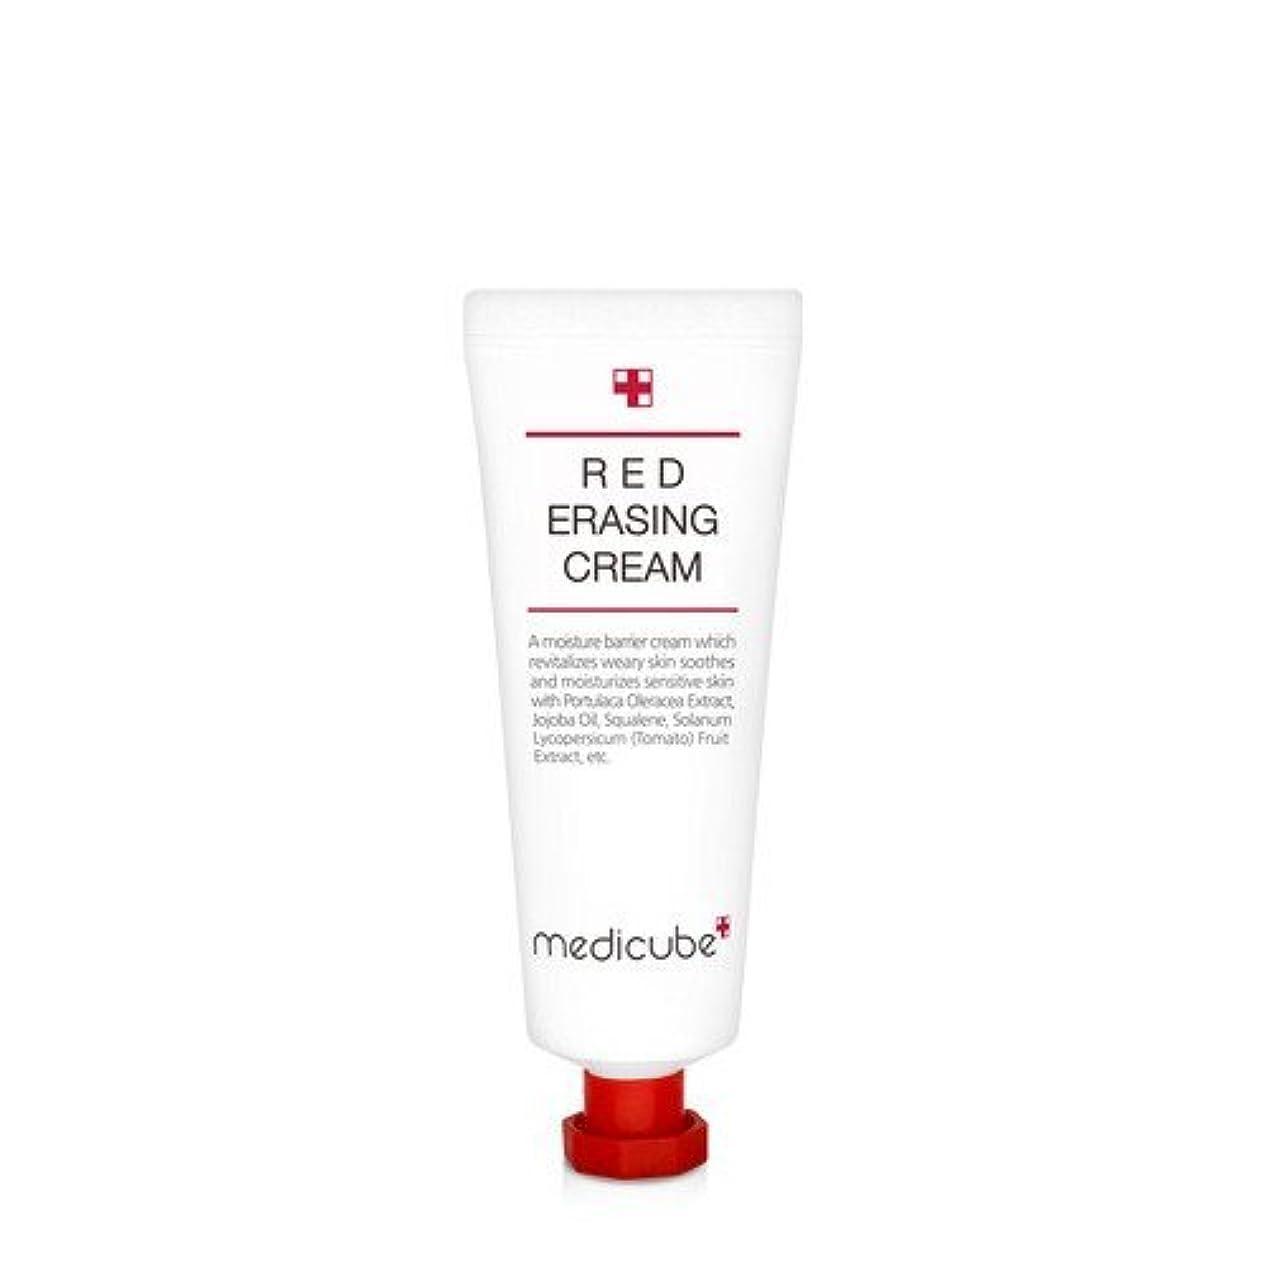 信号長々と記事[Medicube]Red Erasing Cream 50g / メディキューブレッドイレイジングクリーム / 正品?海外直送商品 [並行輸入品]